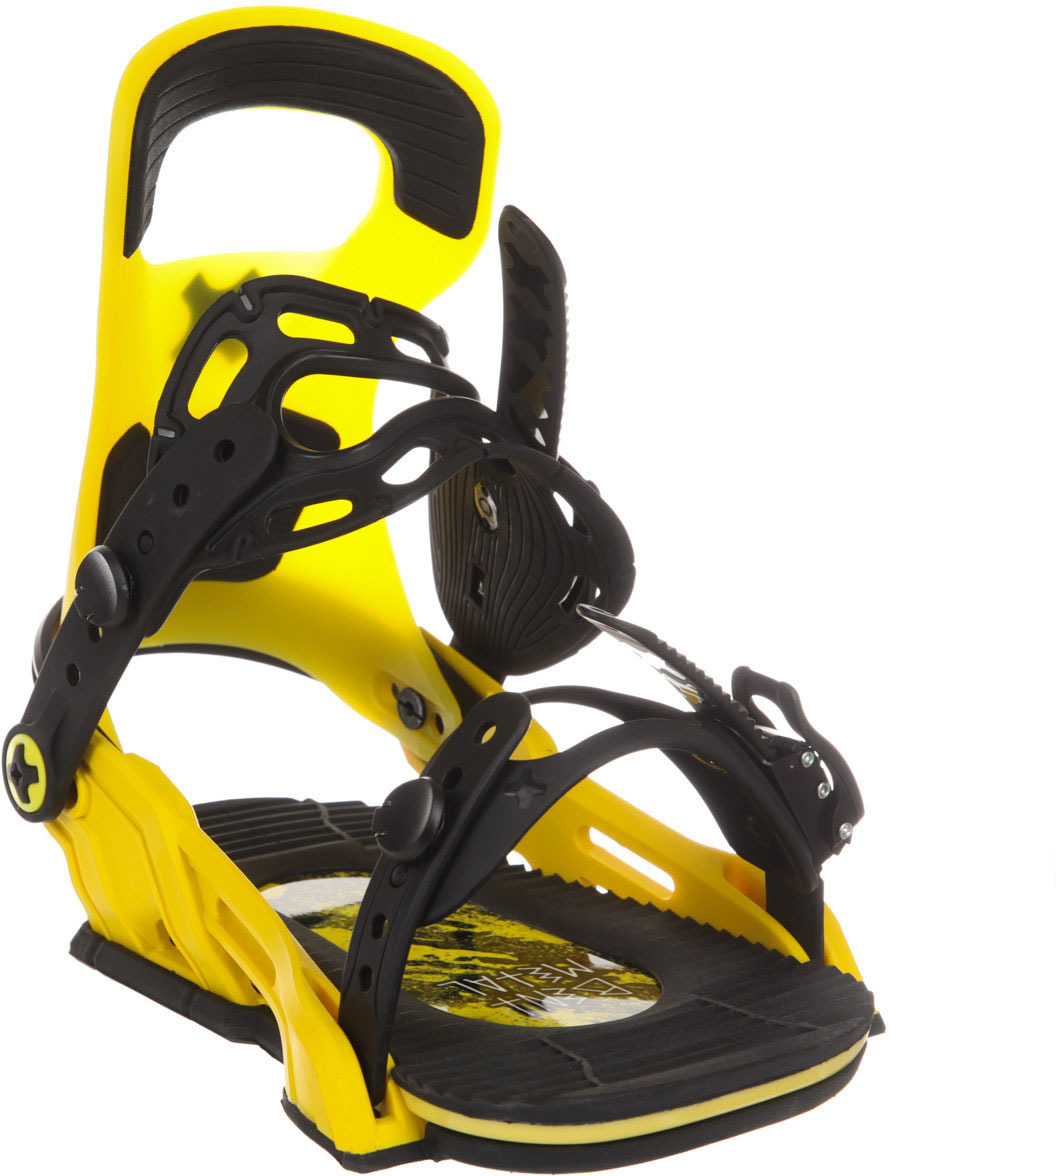 Крепление для сноуборда Bent Metal LOGIC, цвет: желтый. Размер M